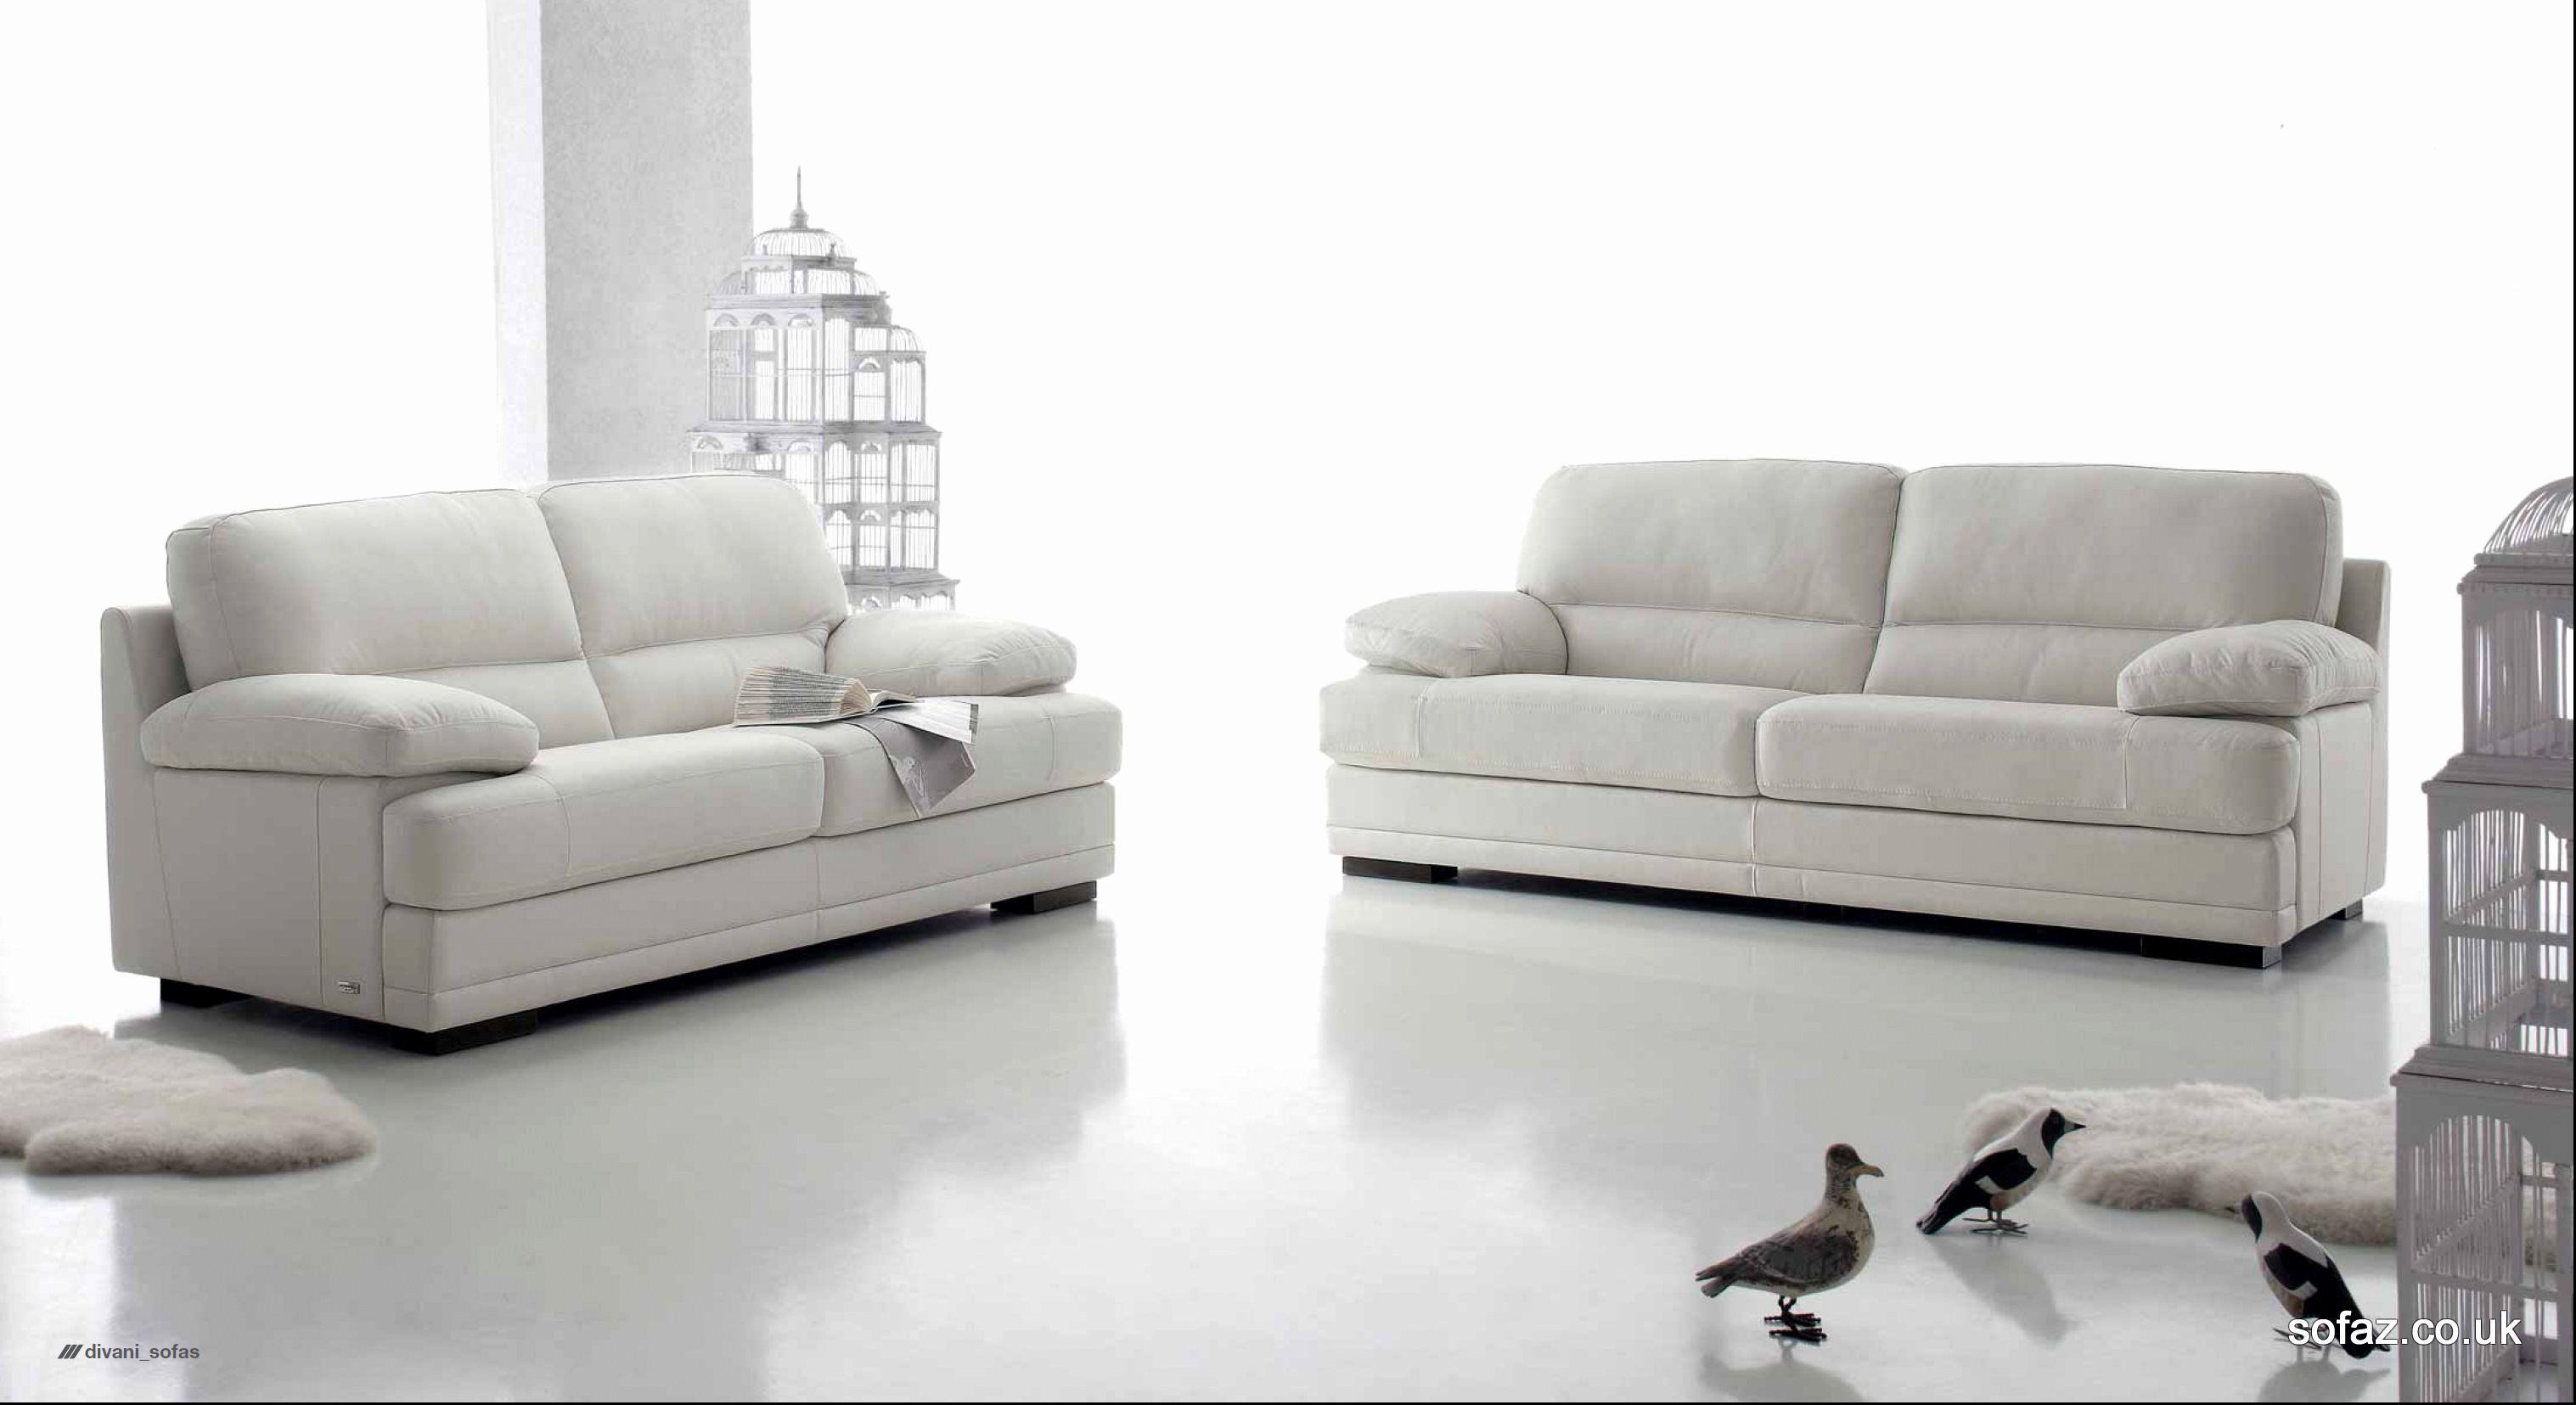 Beautiful Italian Leather Sectional Sofa Pics Italian Leather